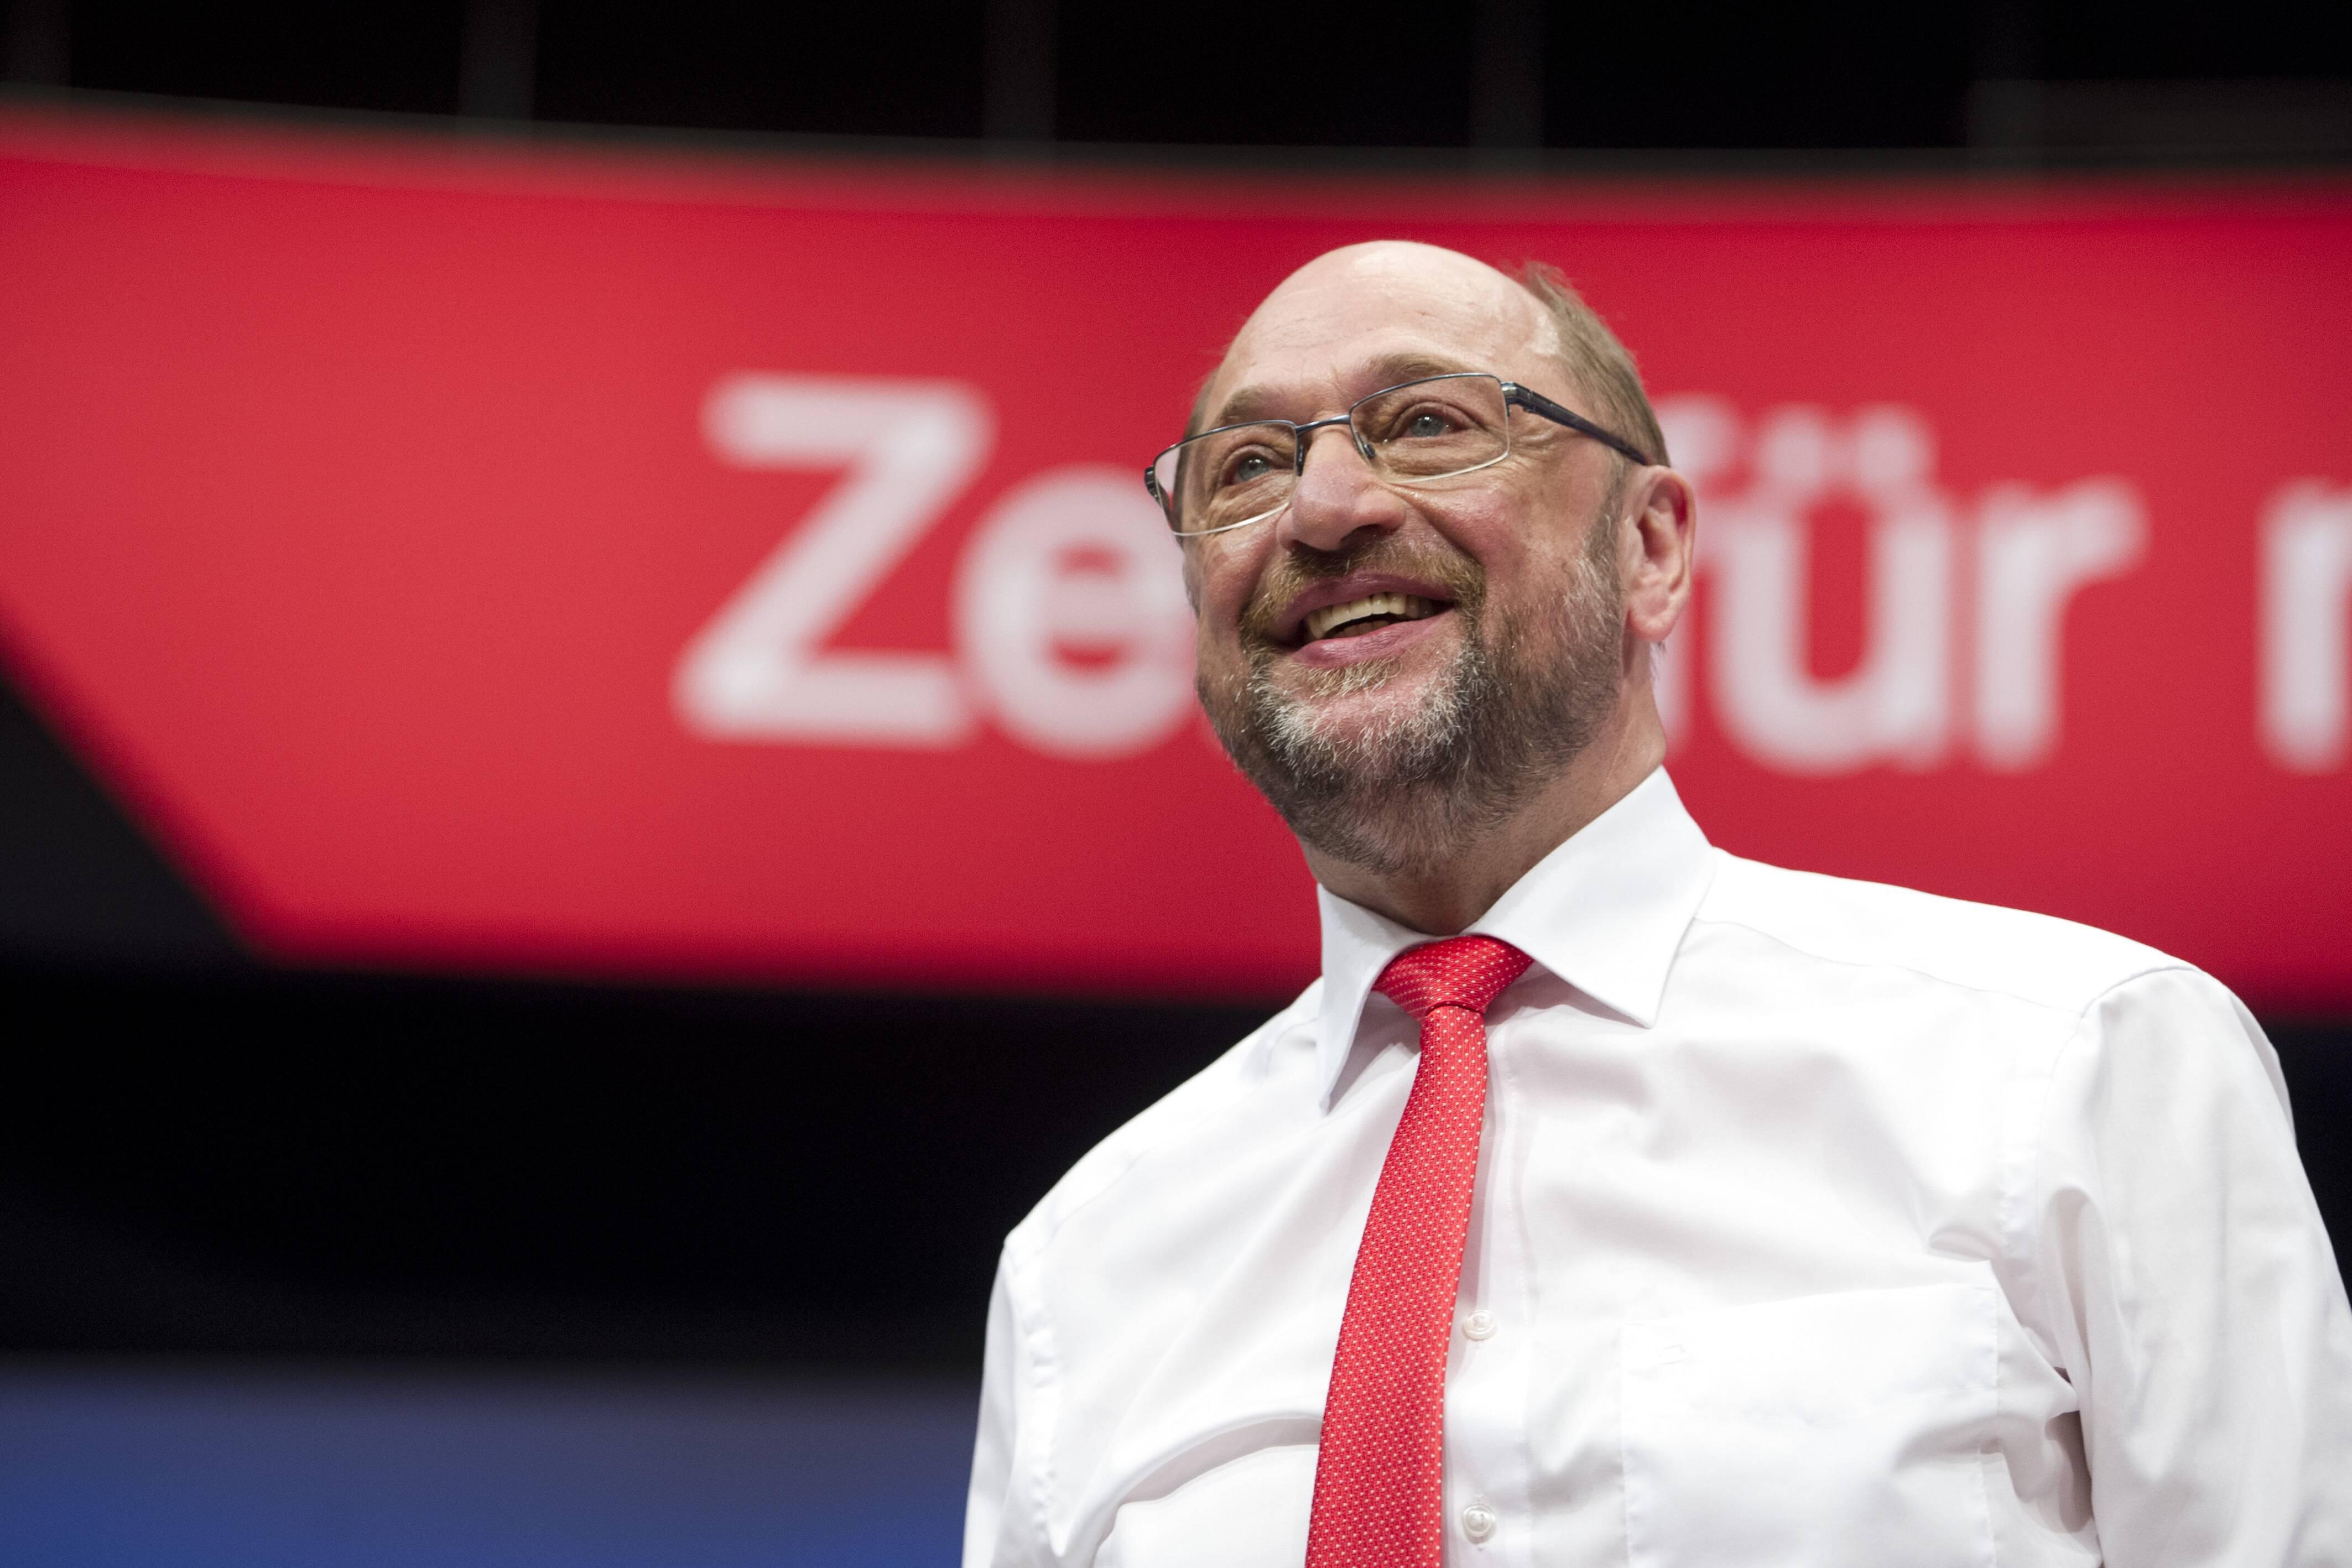 Bild zu Martin Schulz, Bundestagswahl 2017, Bundeskanzler, Wahl, Angela Merkel, SPD